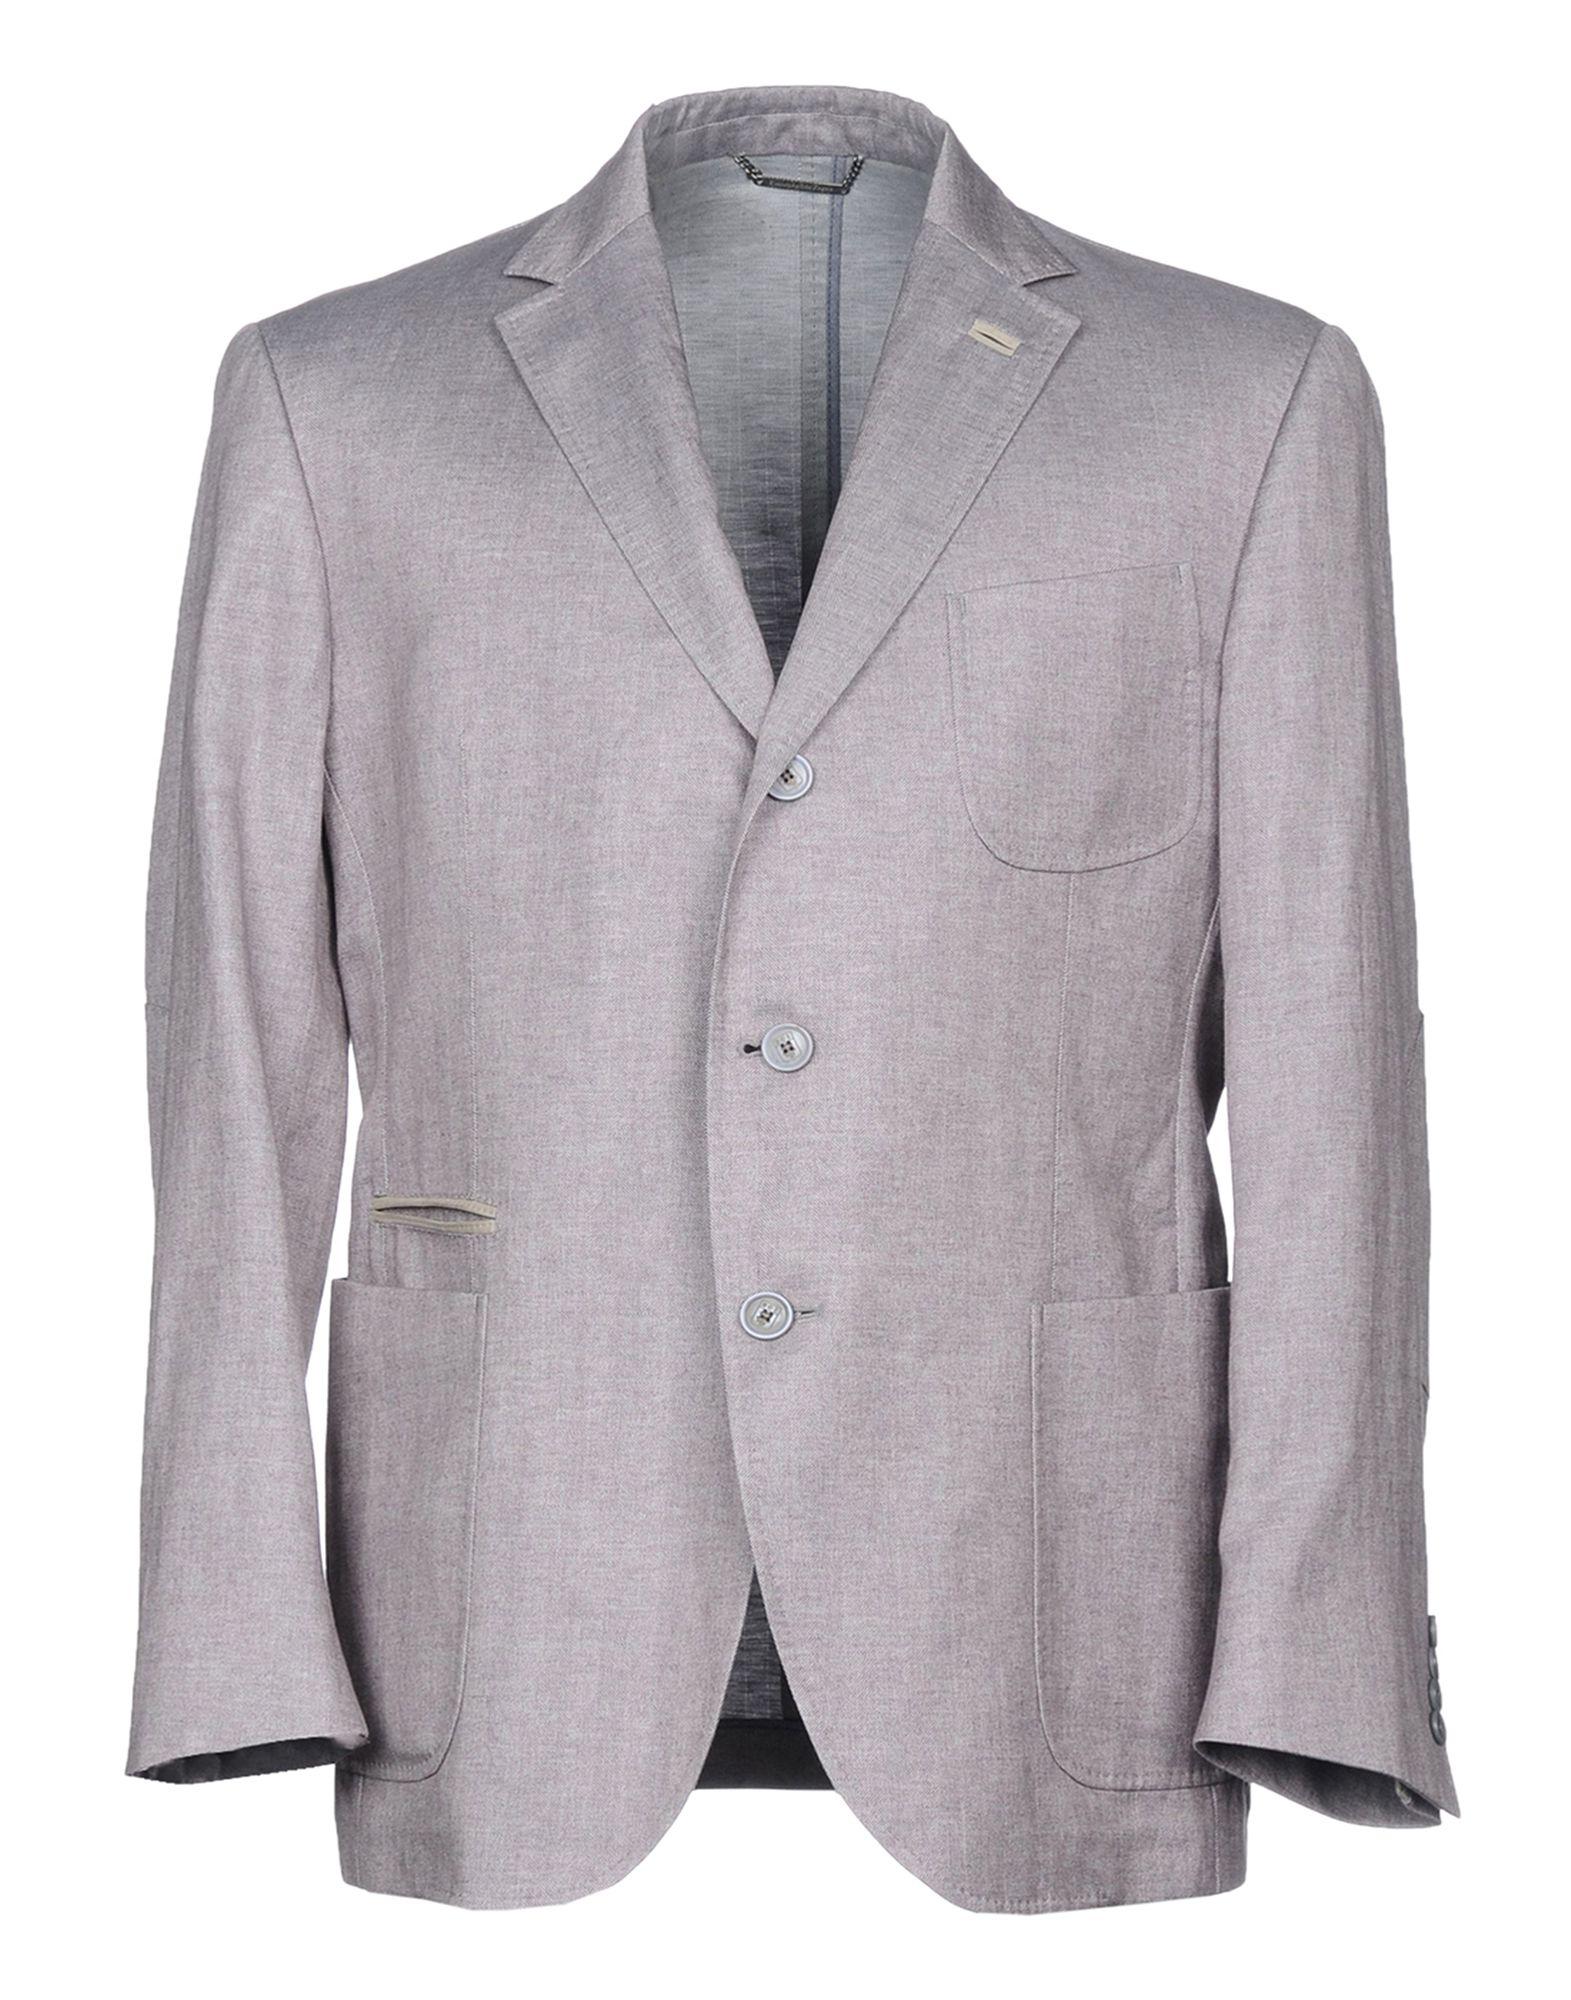 《送料無料》ERMENEGILDO ZEGNA メンズ テーラードジャケット パープル 58 コットン 52% / 麻 48% / 革